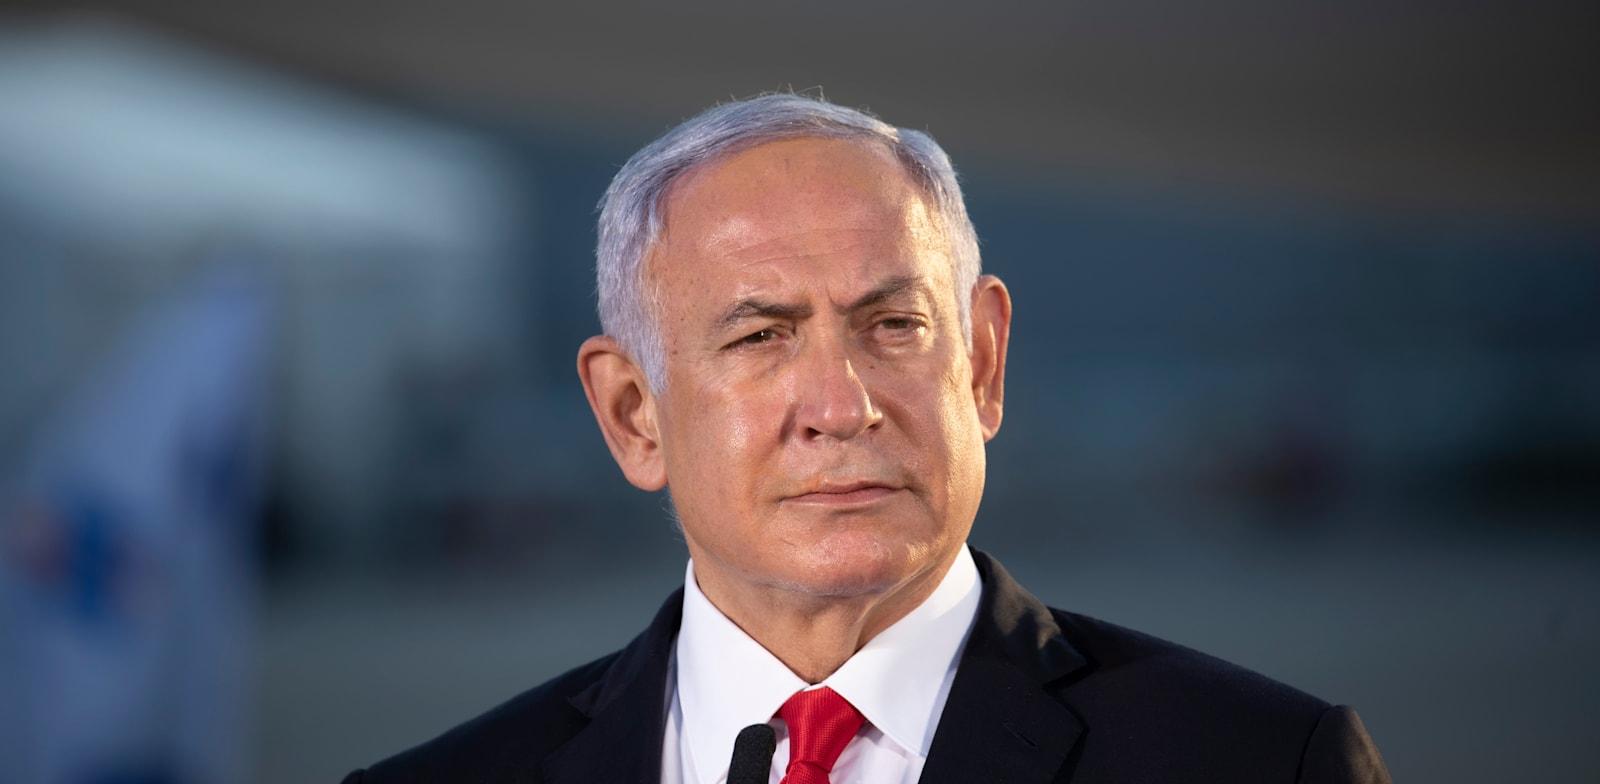 """ראש הממשלה בנימין נתניהו / צילום: אמיל סלמן, """"הארץ"""""""